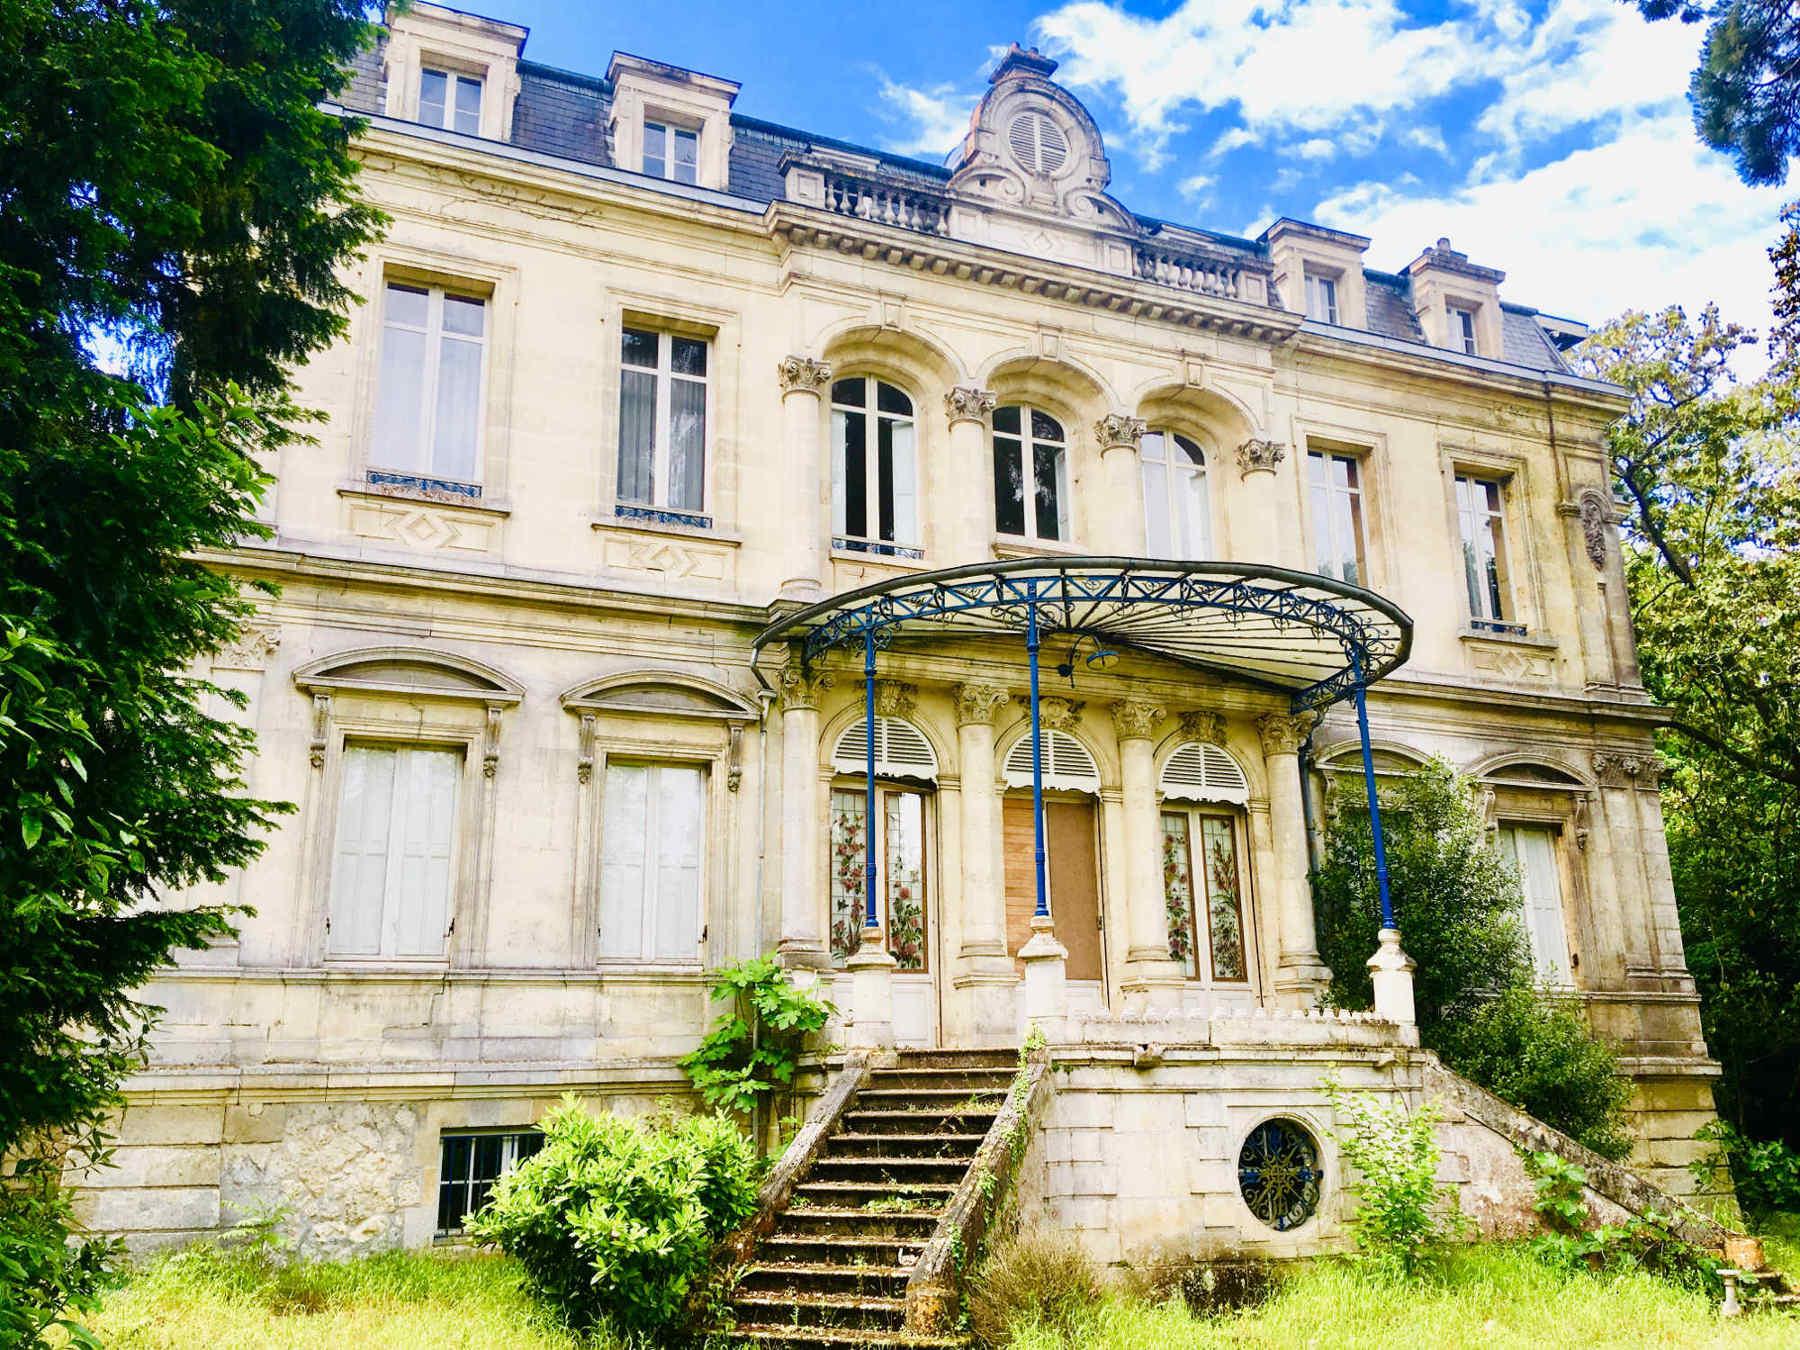 Chateau-bordeaux